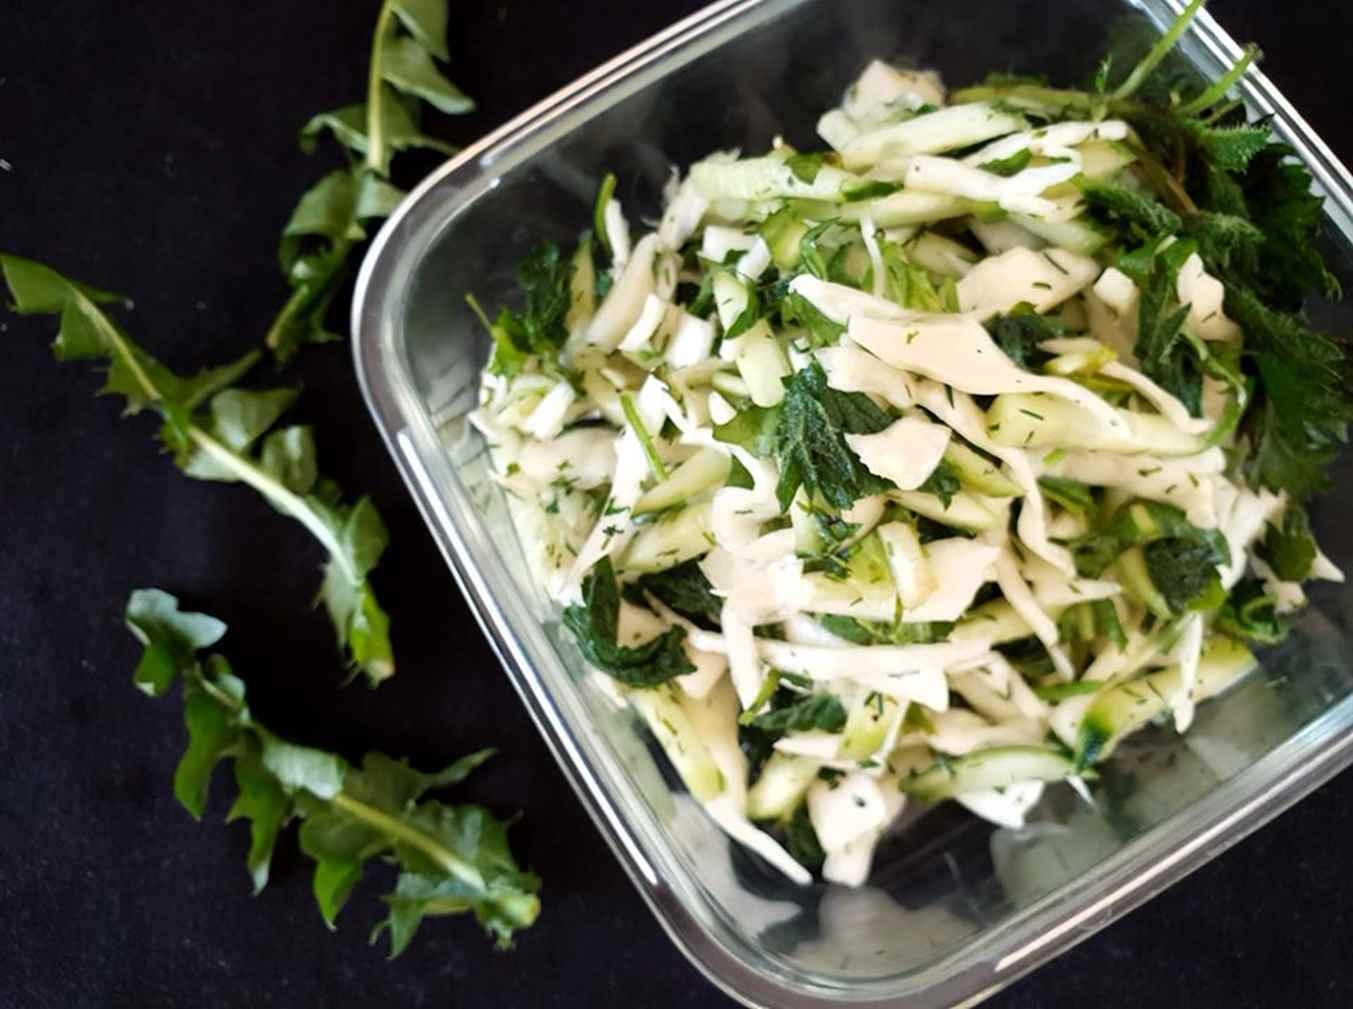 Dilgėlių ir kopūstų salotos su agurkais